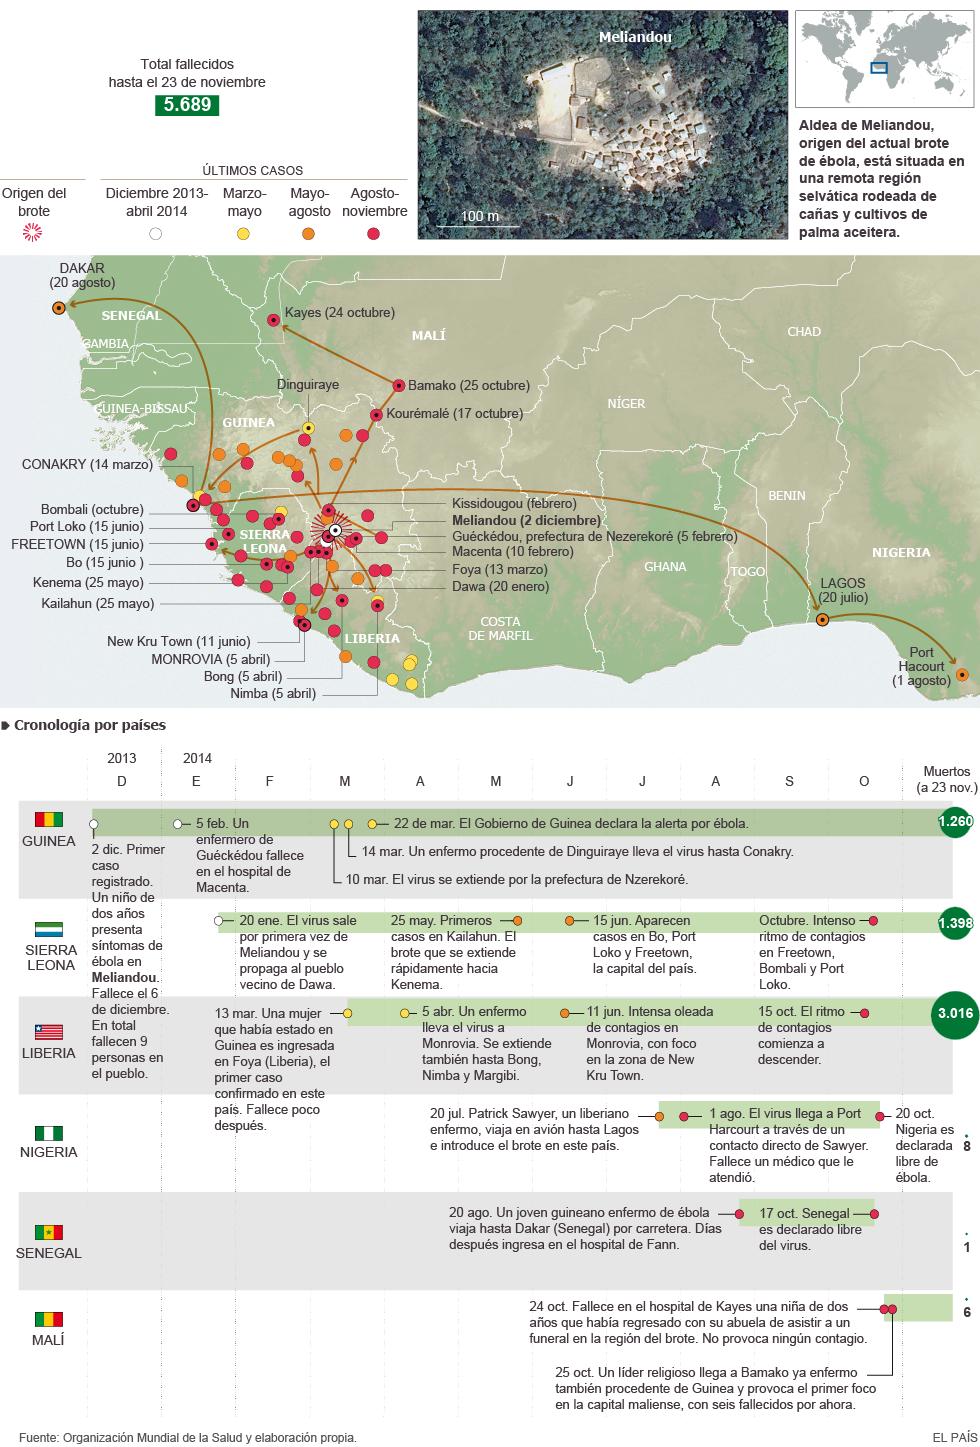 Virus Ébola, miles de personas muertas en África: Guinea, Liberia, Sierra Leona, Nigeria, Mali, República Democrática del Congo... - Página 4 1417287424_175960_1417287470_noticia_normal